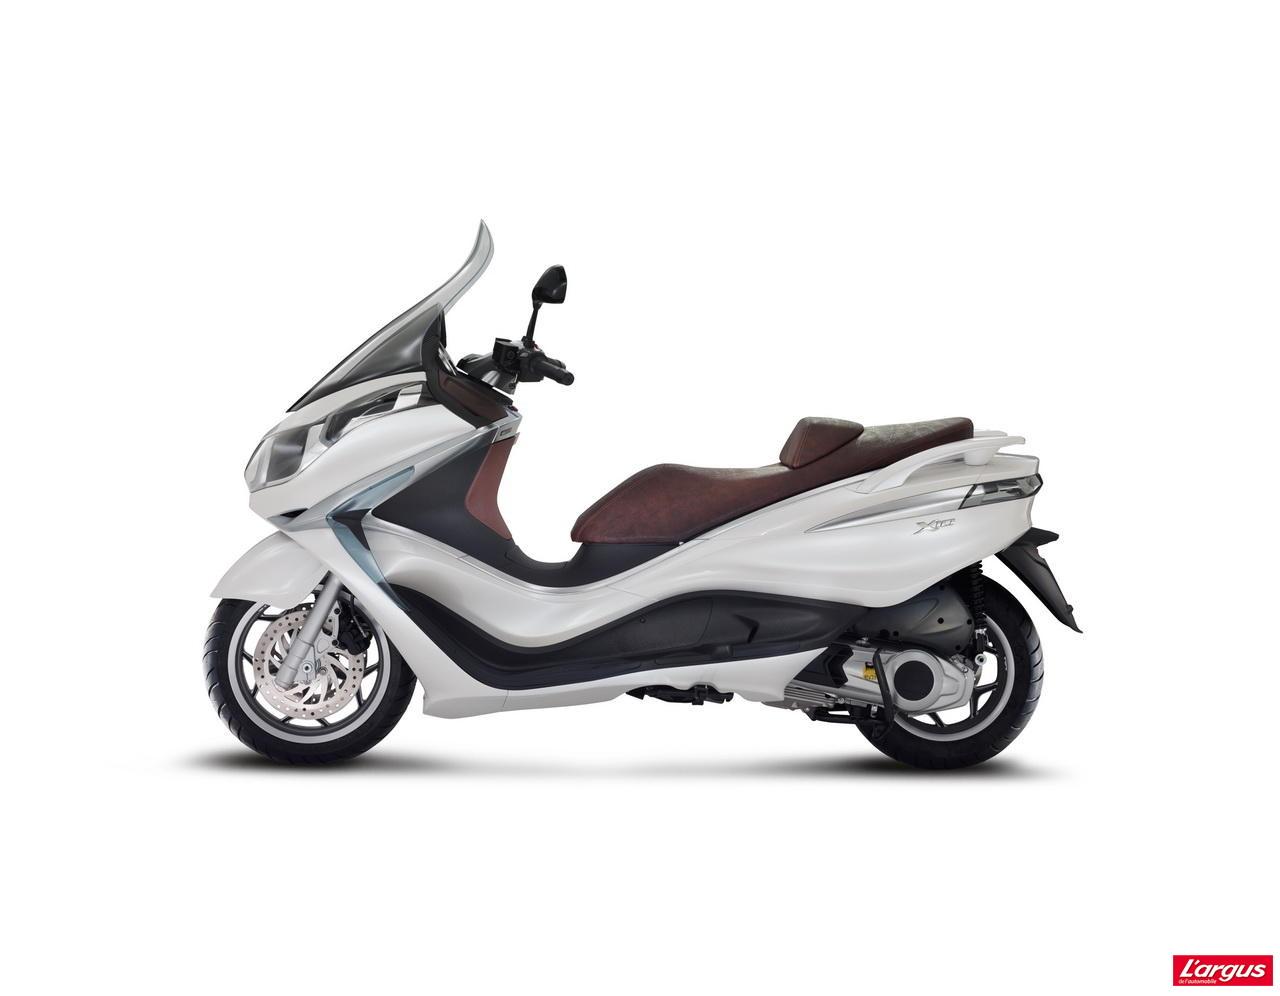 piaggio x10 le retour du maxi scooter 125 photo 5 l 39 argus. Black Bedroom Furniture Sets. Home Design Ideas